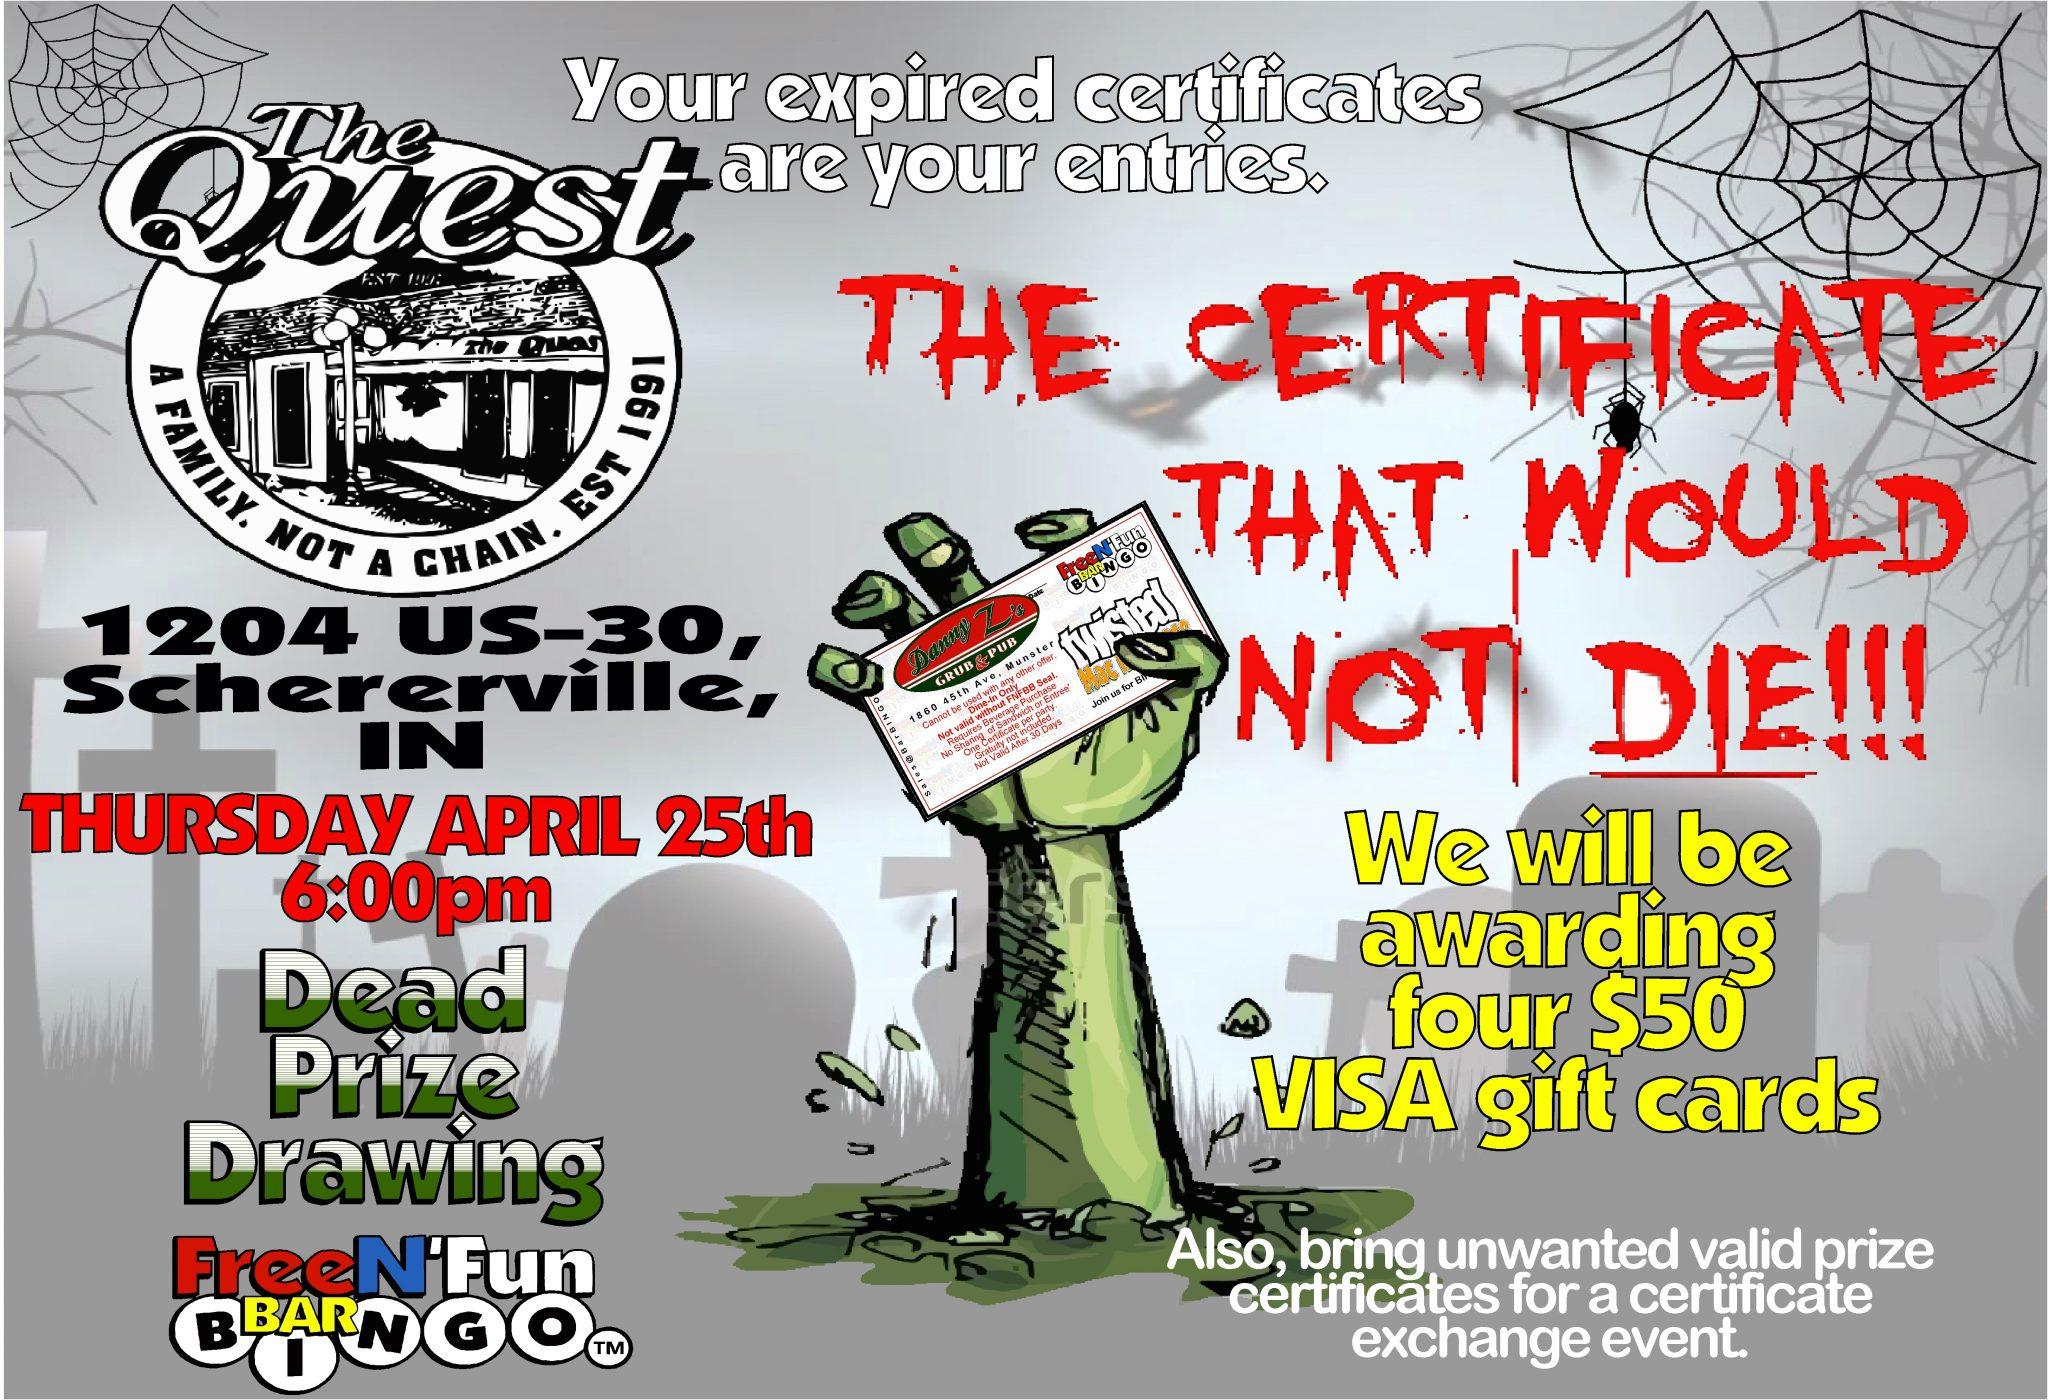 The Quest, 1204 US-30, Schereville, IN. Thursday April 25th 6:00pm